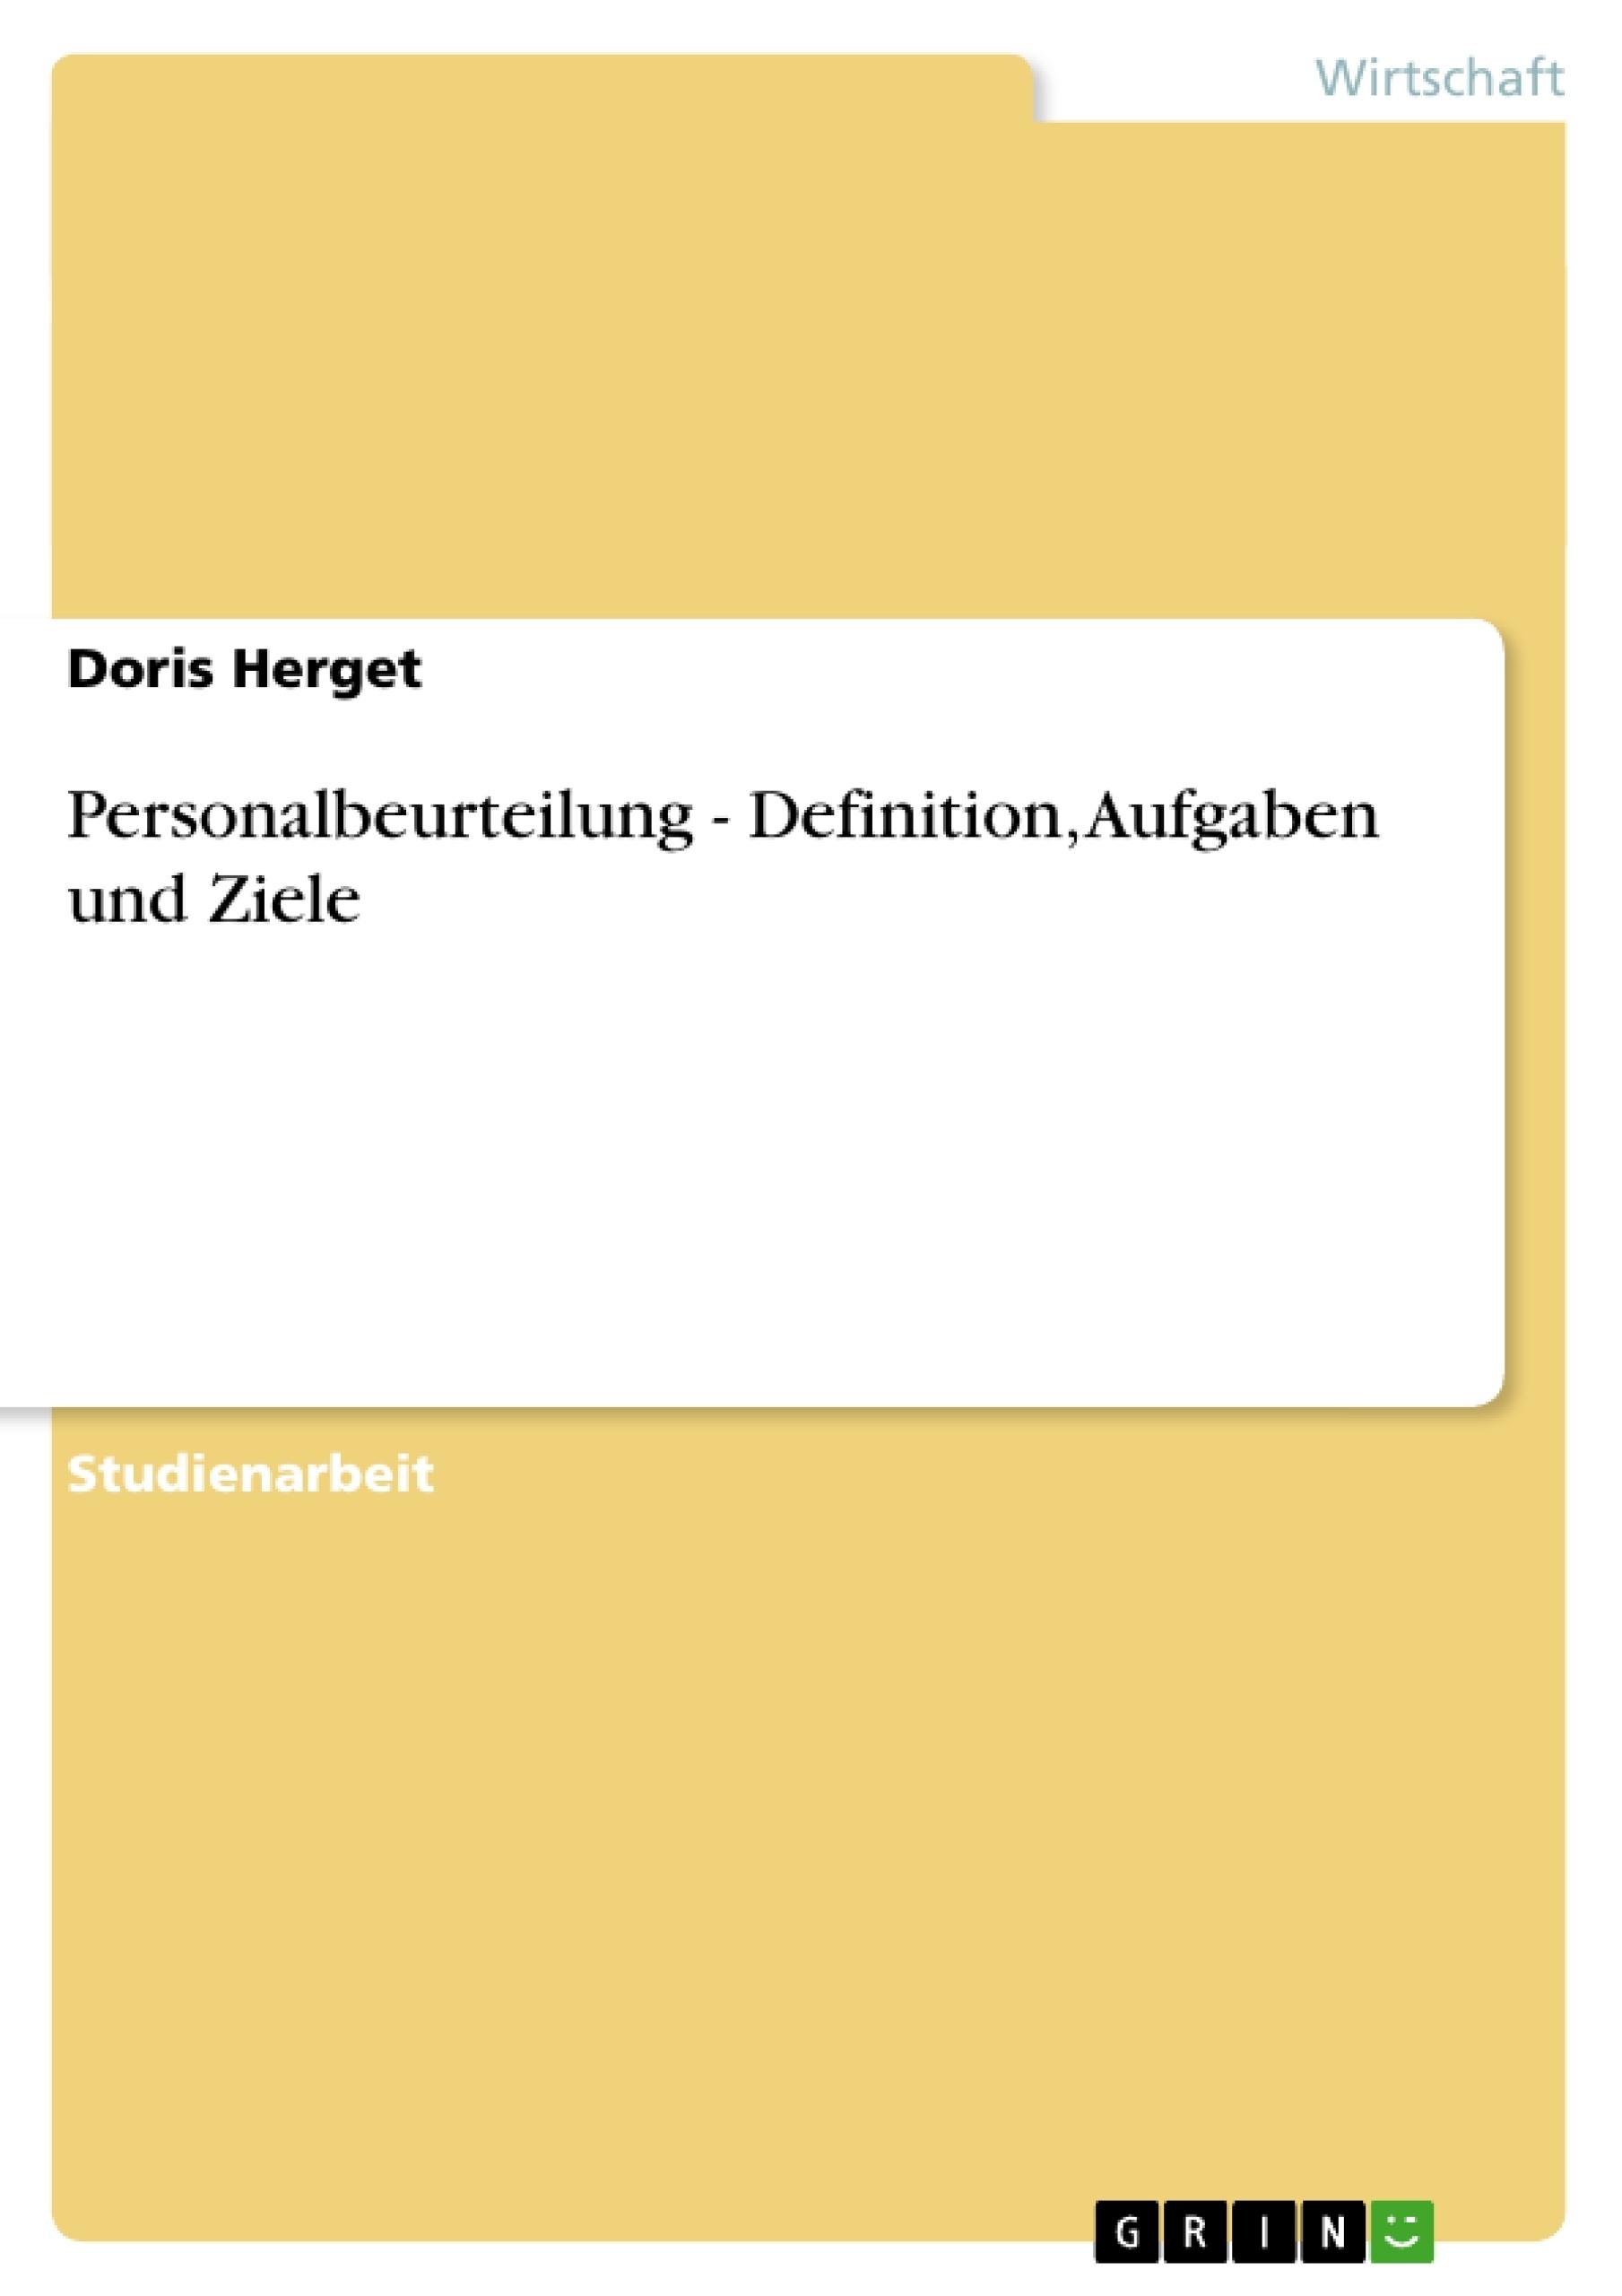 Titel: Personalbeurteilung - Definition, Aufgaben und Ziele